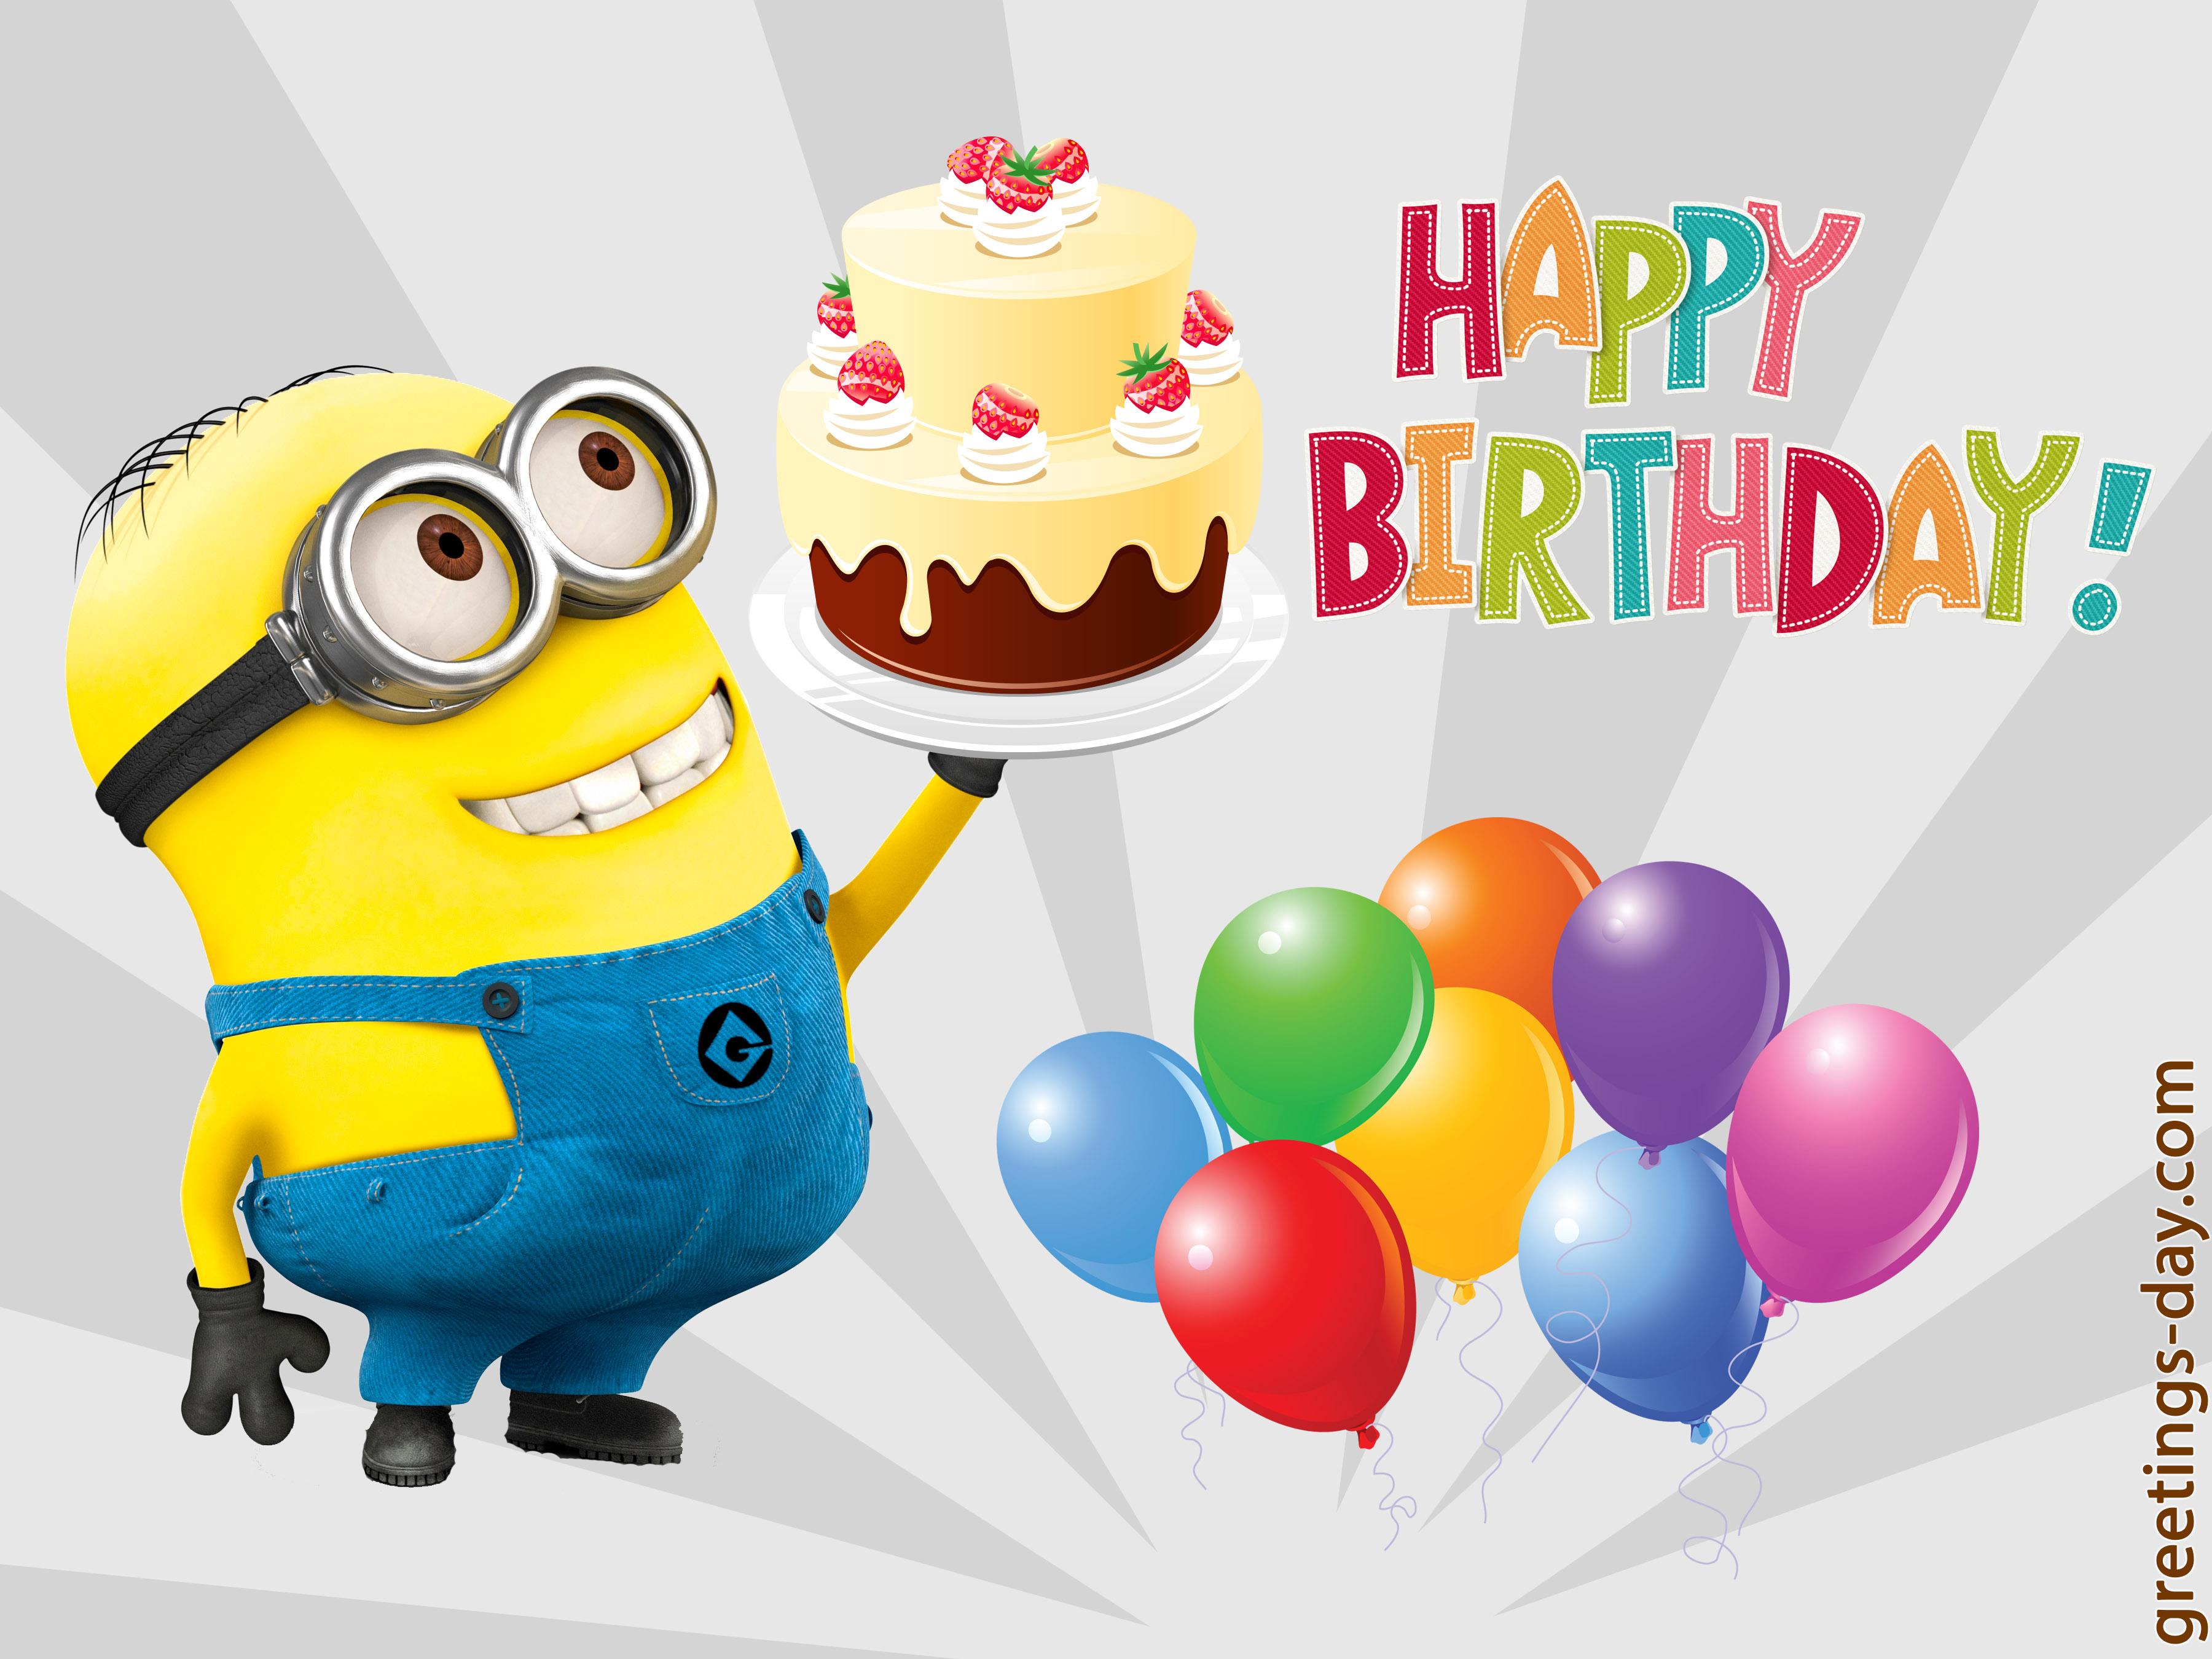 Happy birthday Veya!!!! Happy-Birthday-card-23-06-17